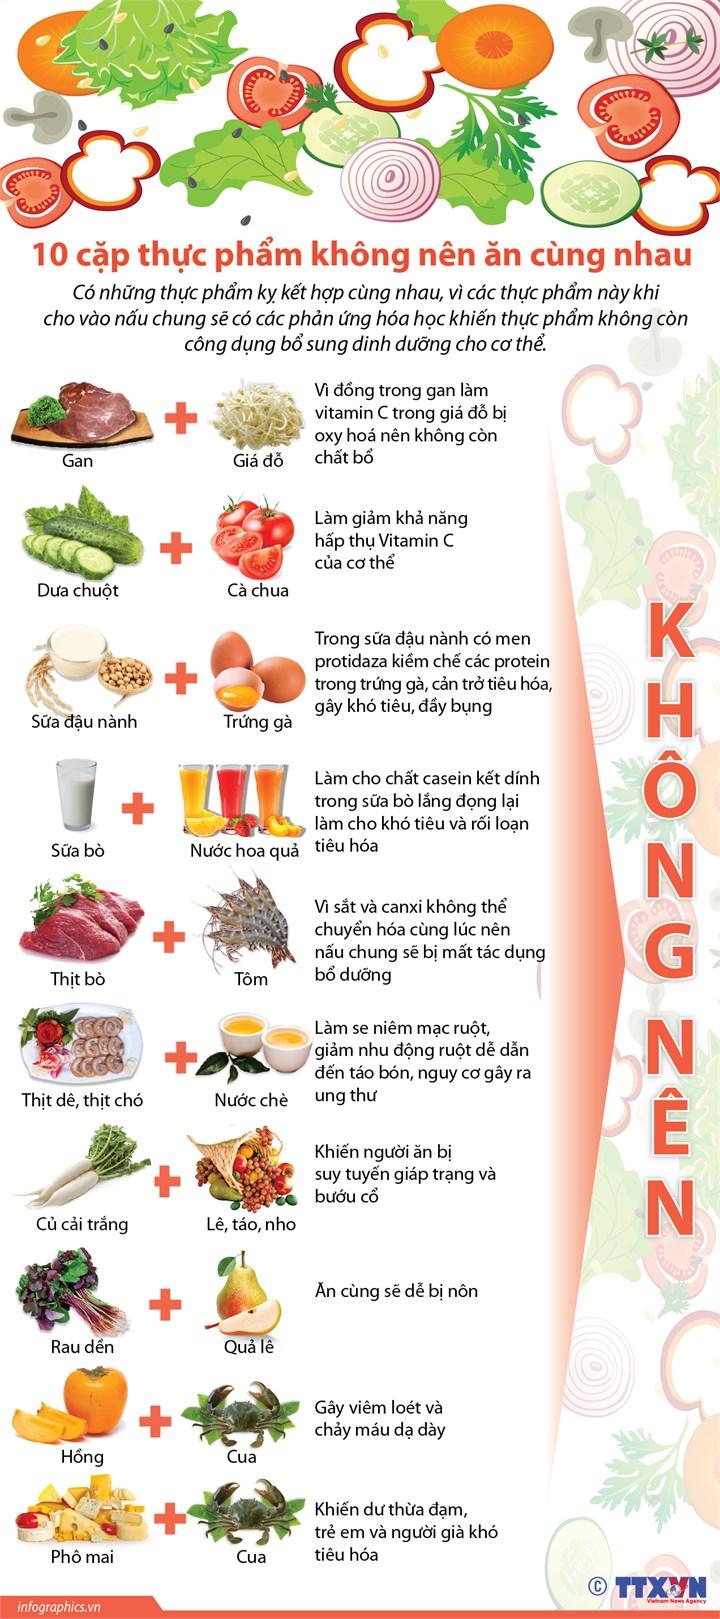 [Infographic] 10 cặp thực phẩm không nên ăn cùng nhau - Ảnh 1